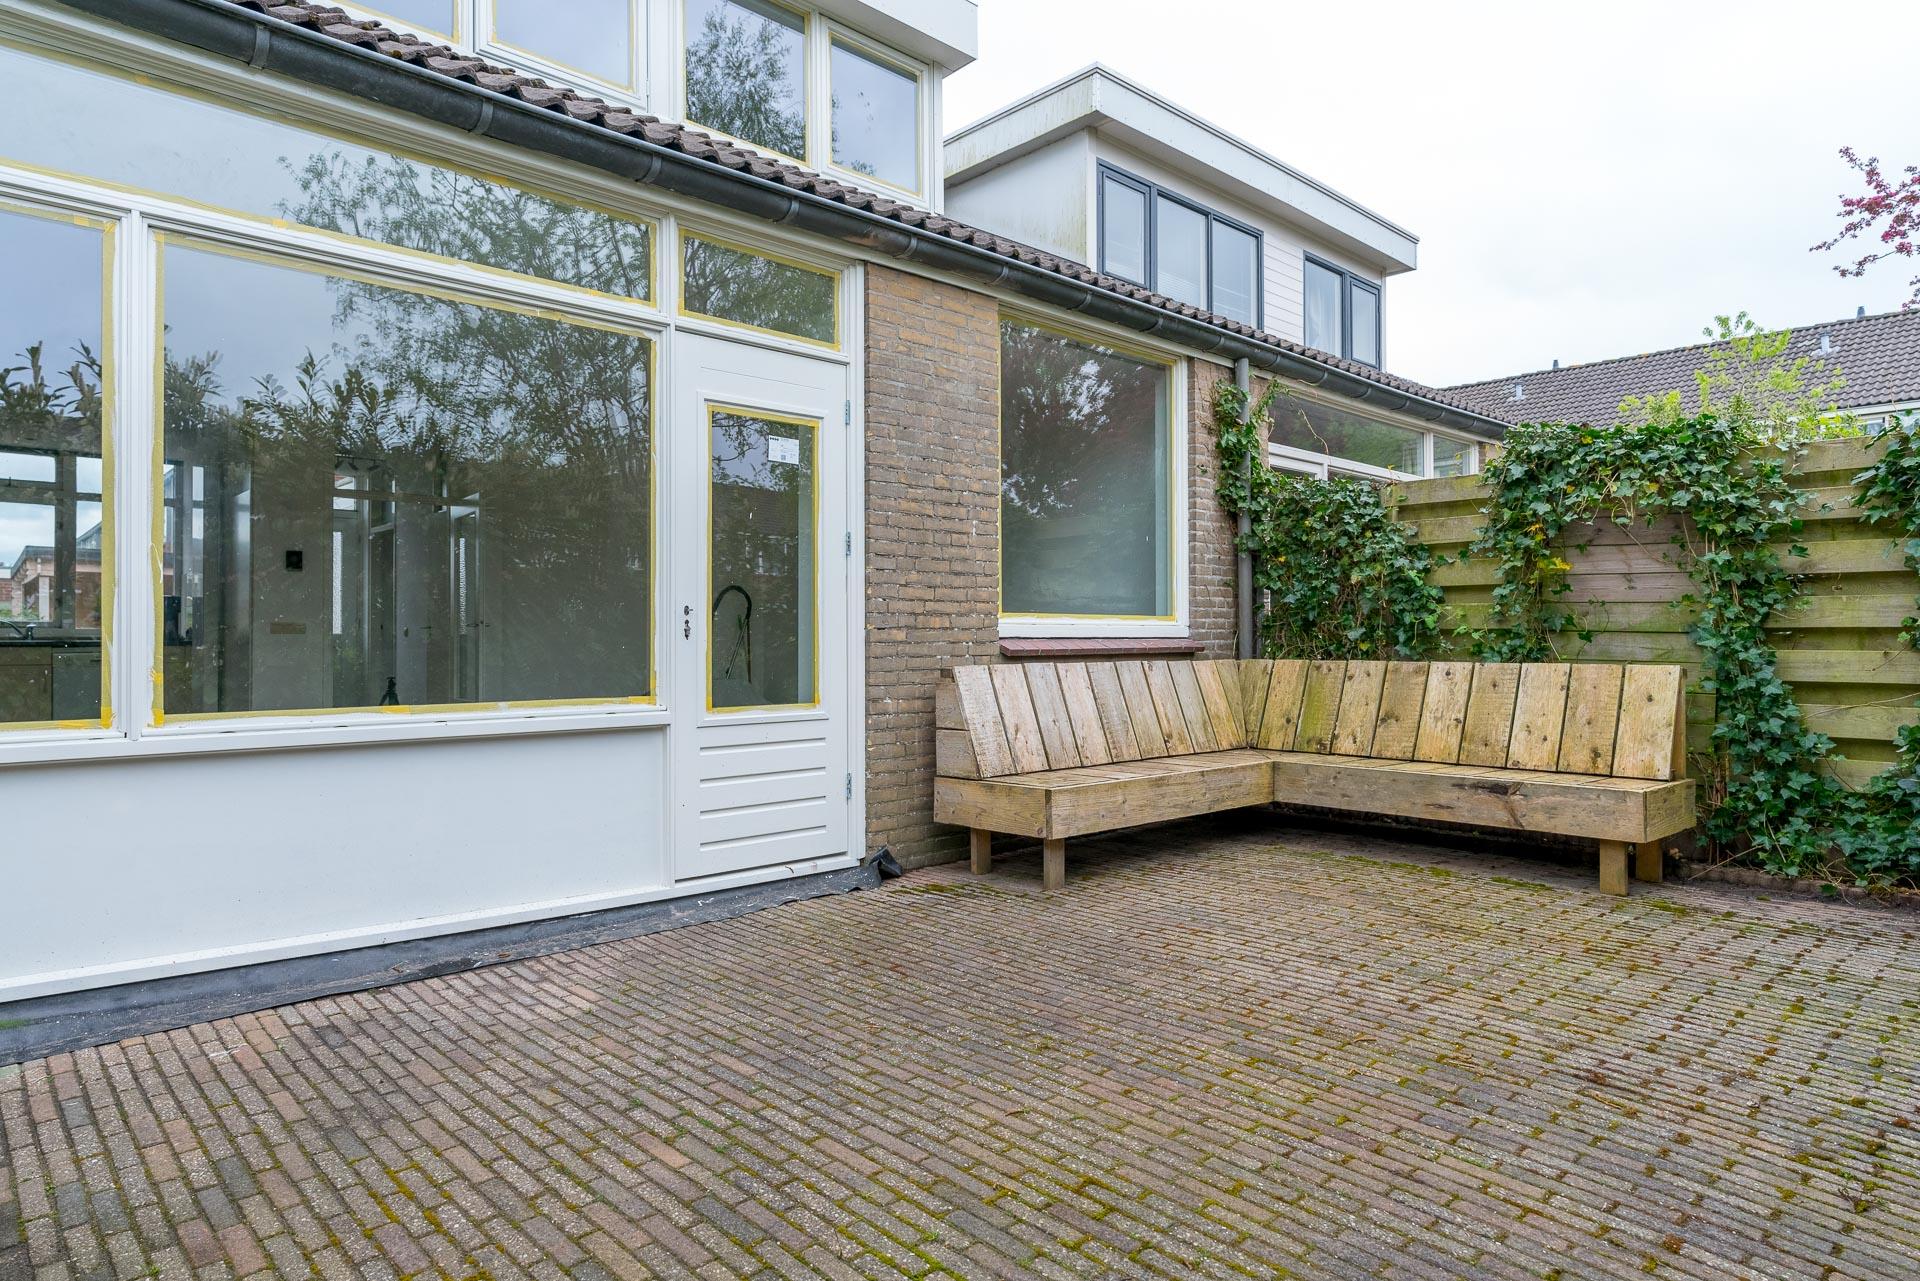 Elbestraat 64,Drenthe,1972 Bedrooms Bedrooms,2 BadkamerBadkamer,Woningen,Elbestraat,2,1058